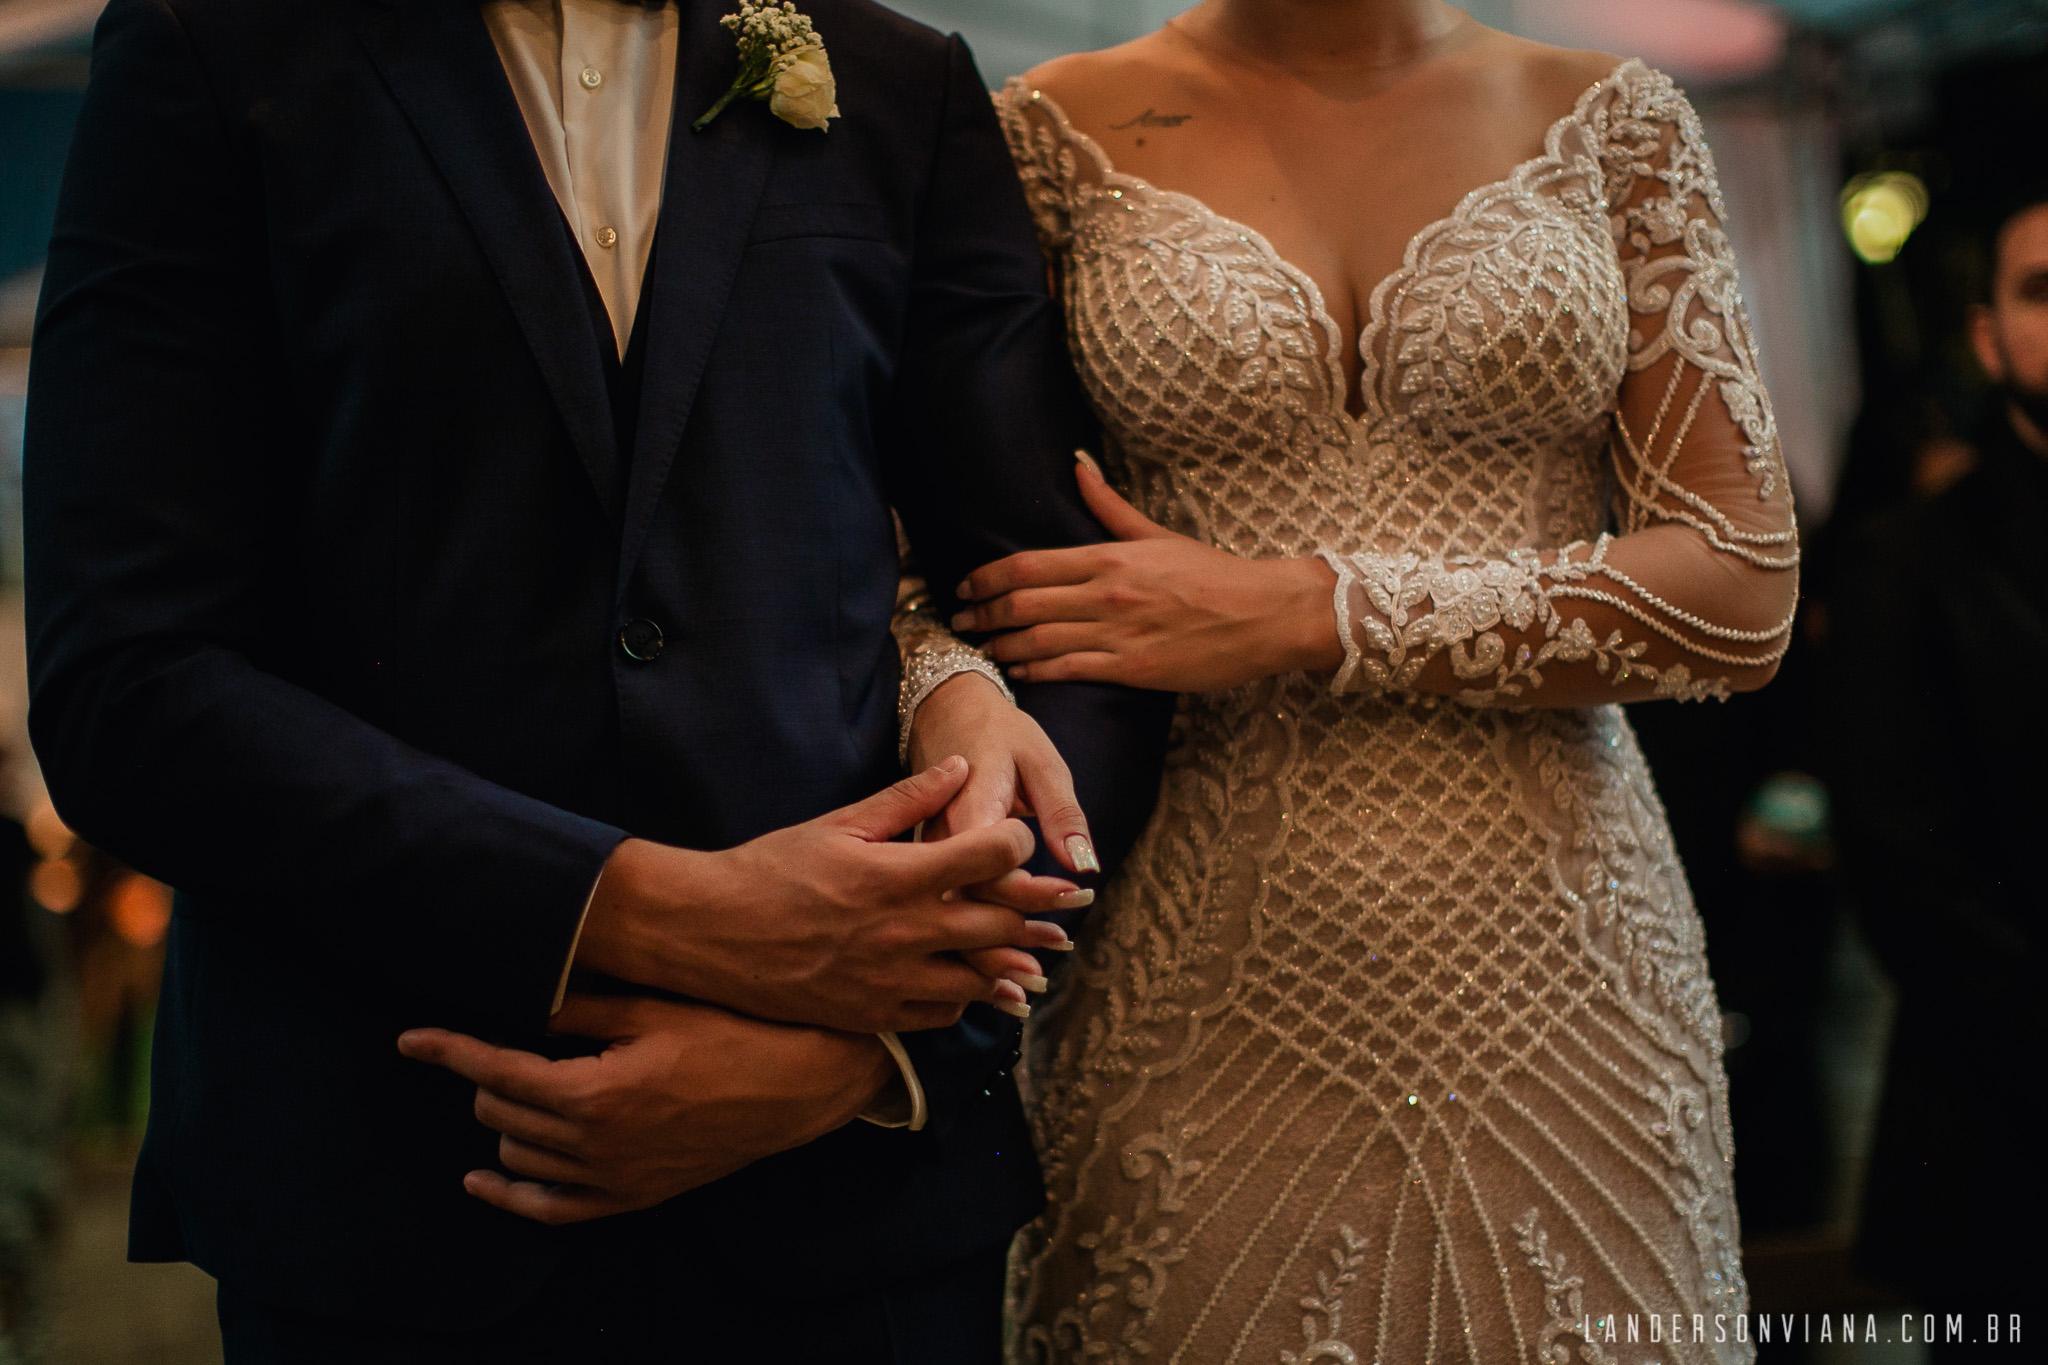 casamento_ar_livre_festa_jessica_raphael-16.jpg